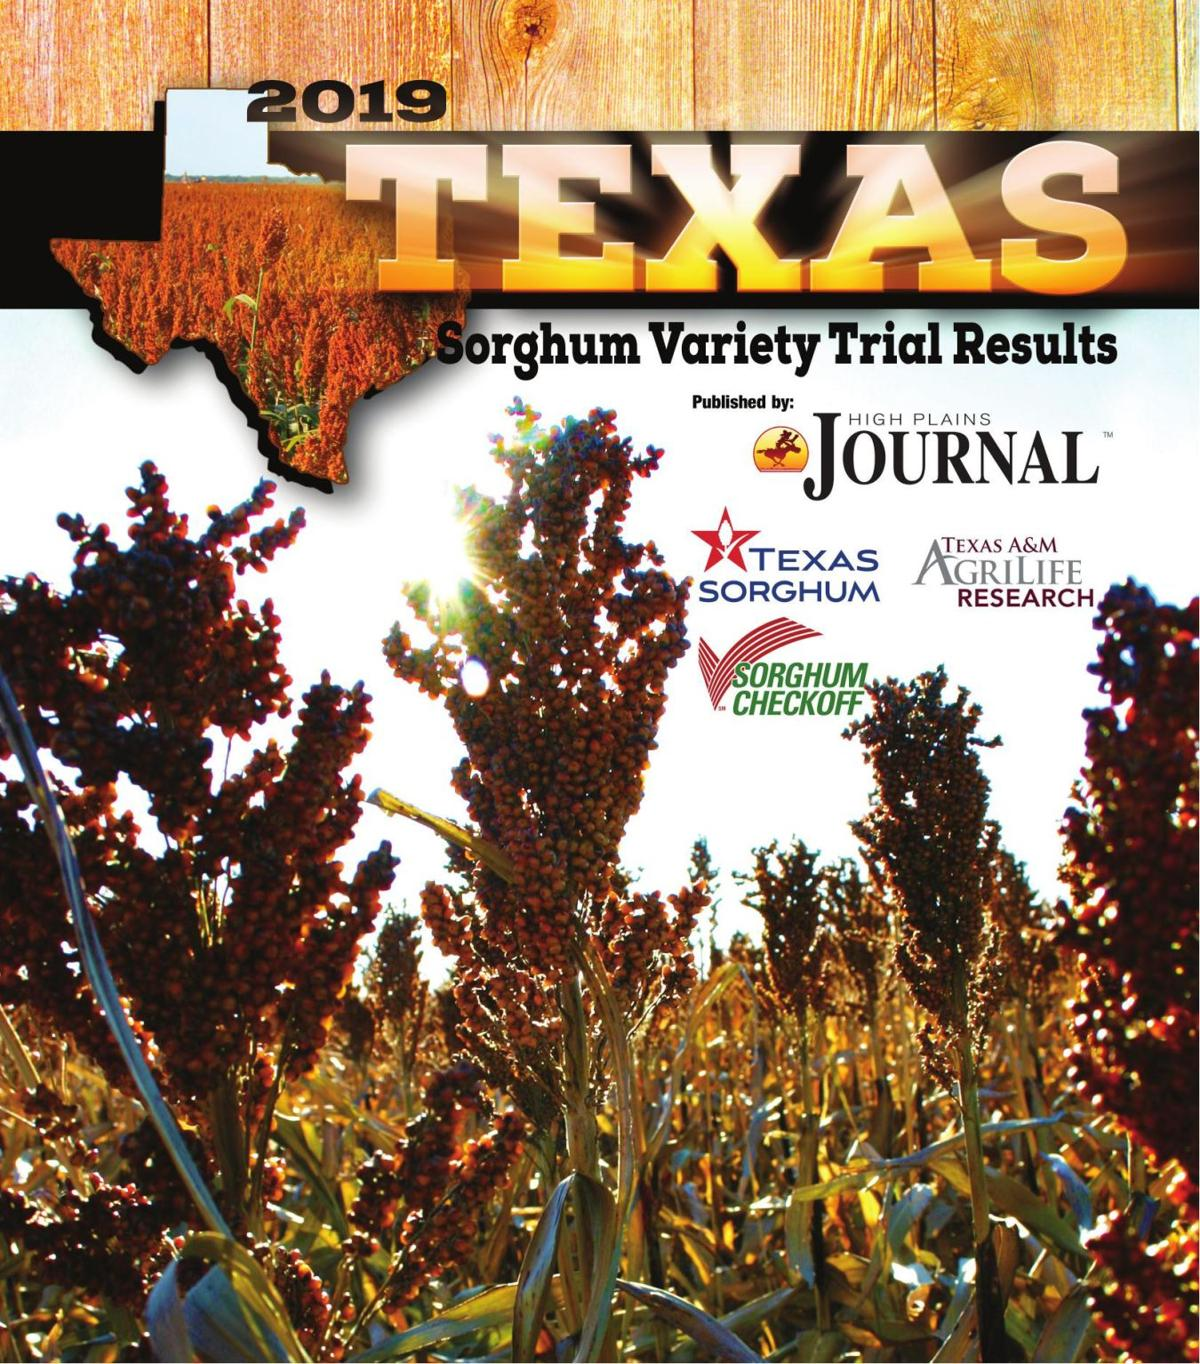 2019 Texas Sorghum